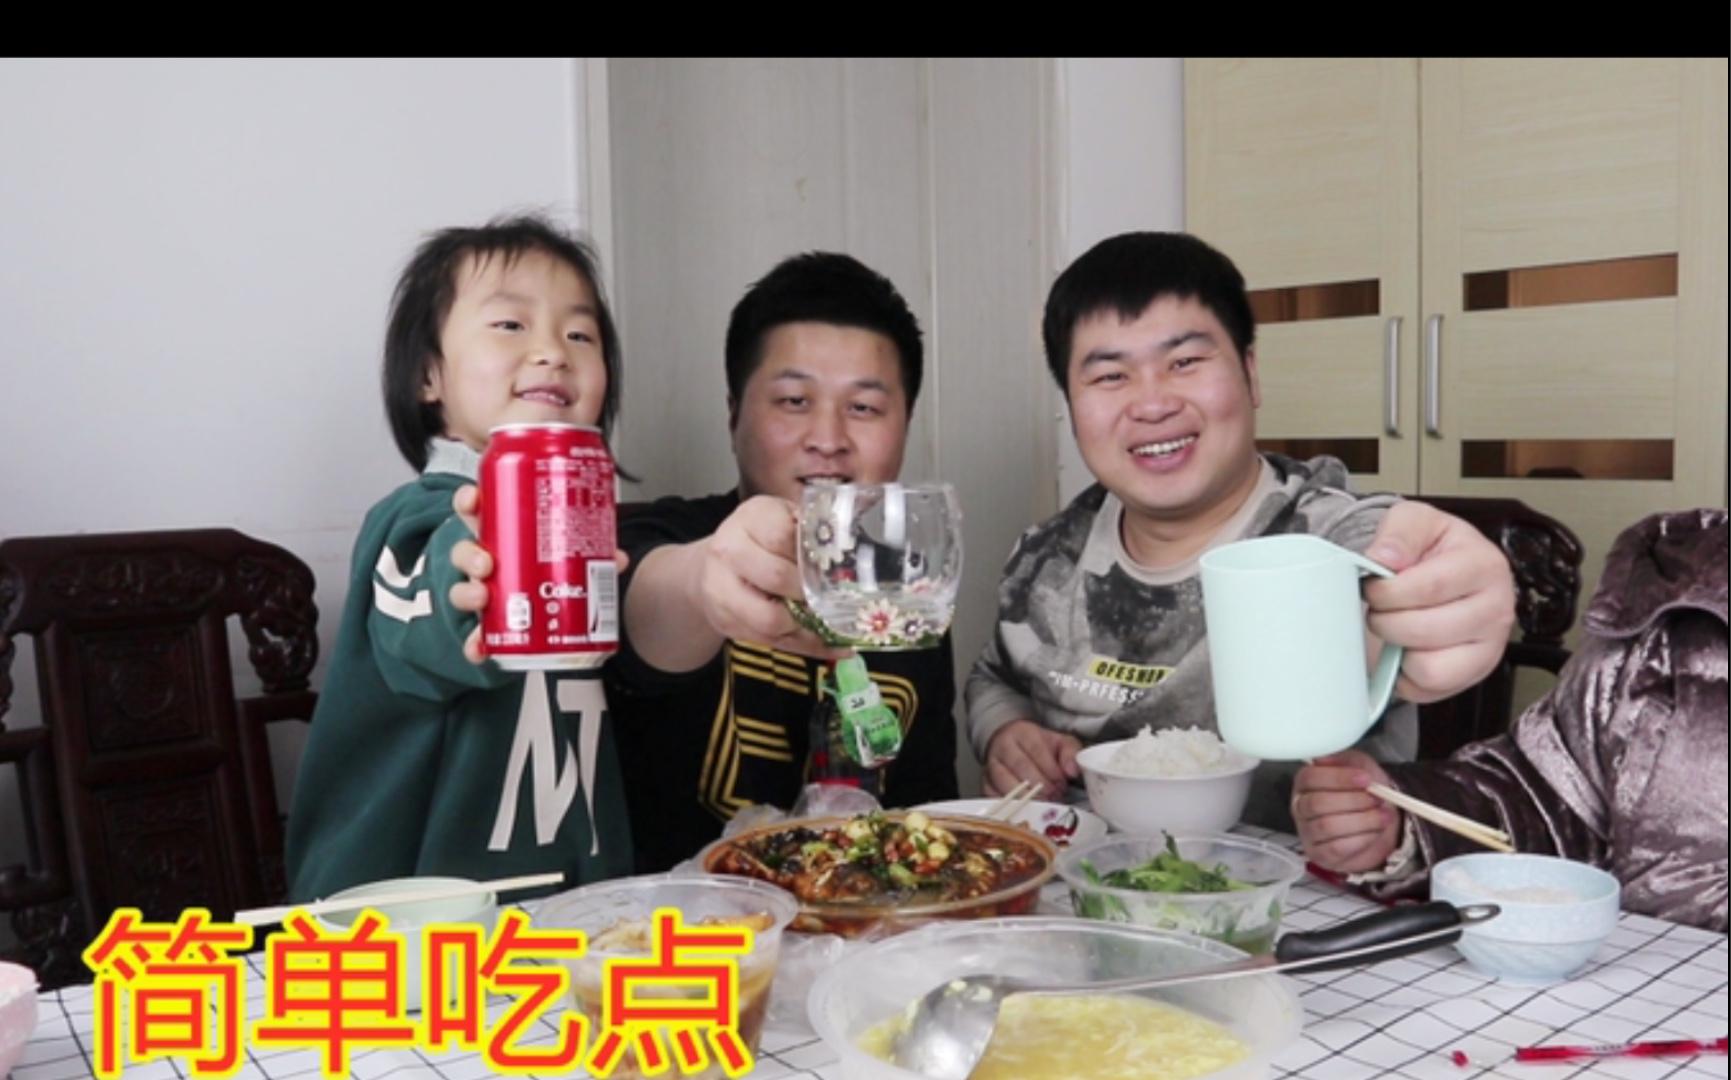 来郑州第一天, 洋哥和我姐来帮忙收拾东西, 买几个菜, 兄弟俩喝点